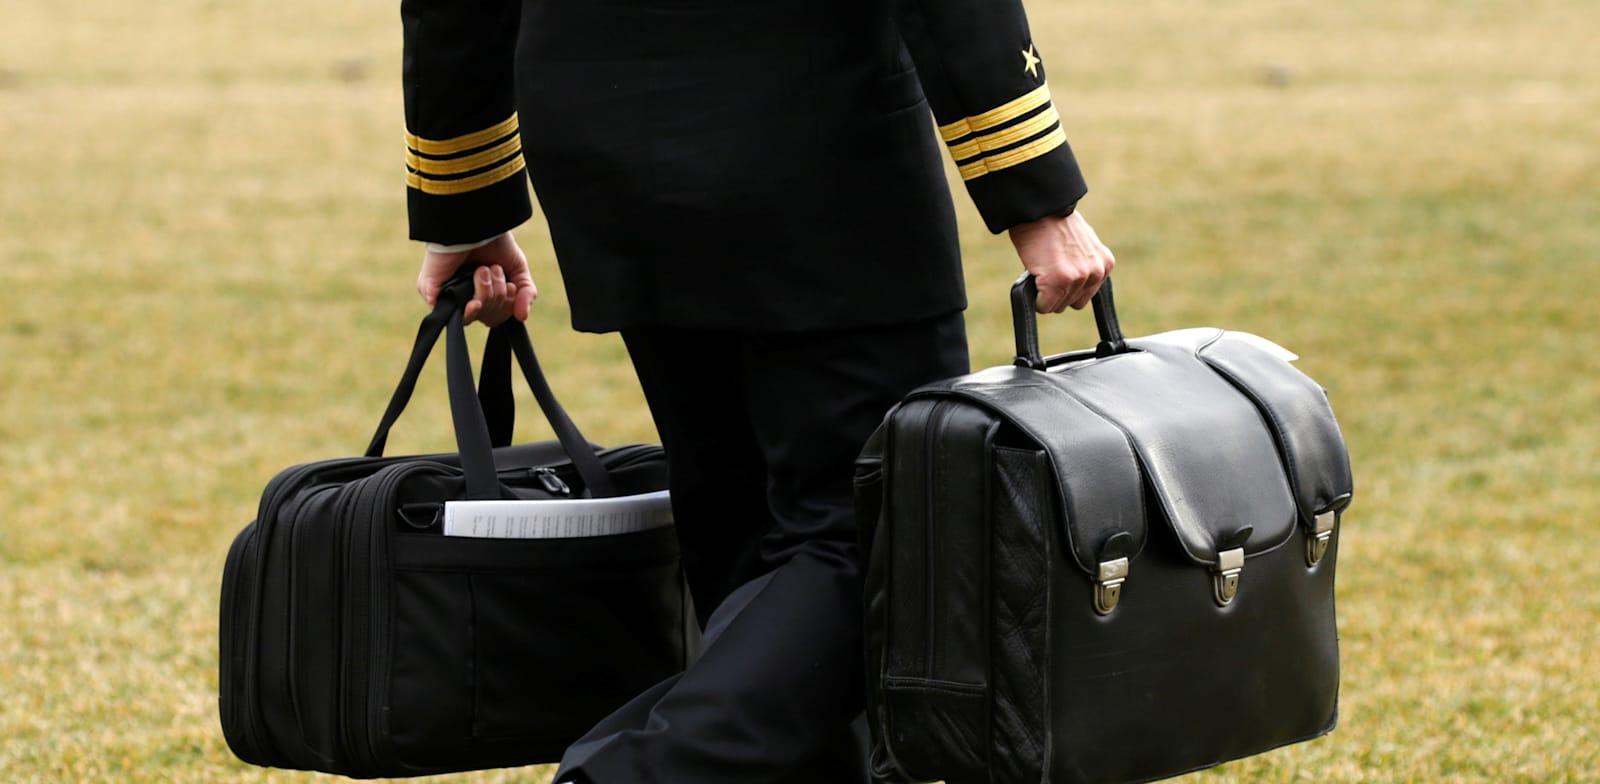 """חייל מארינס נושא את """"הפוטבול"""" עם הצפנים לפצצות הגרעין / צילום: Reuters, Kevin Lamarque"""